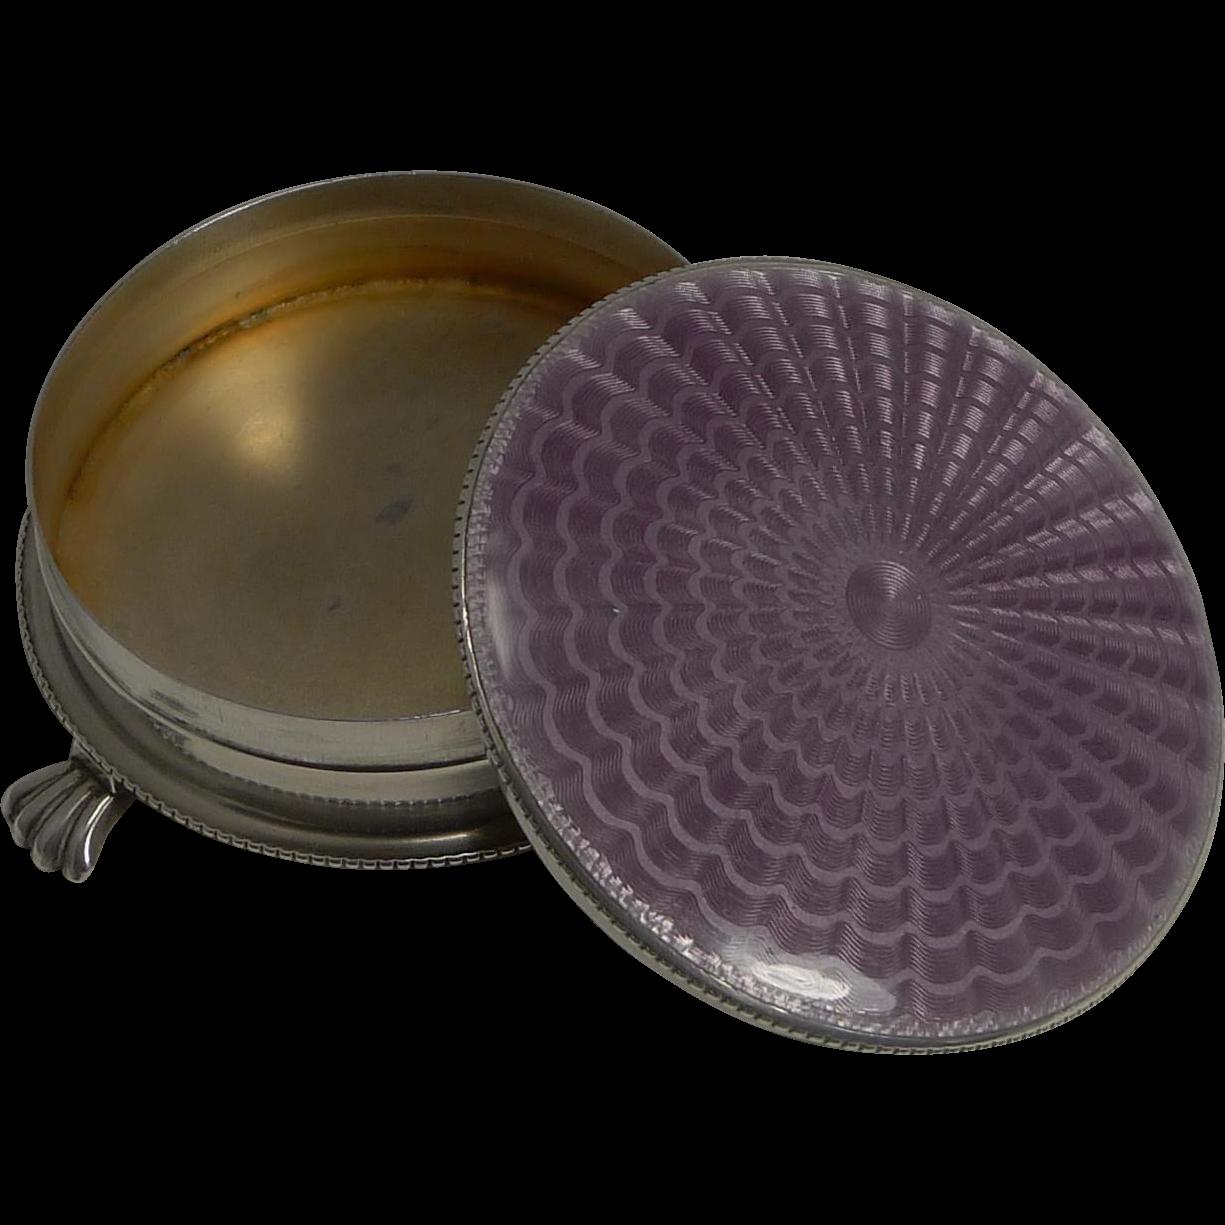 English Sterling Silver Jewelry / Trinket Box - Amethyst Guilloche Enamel